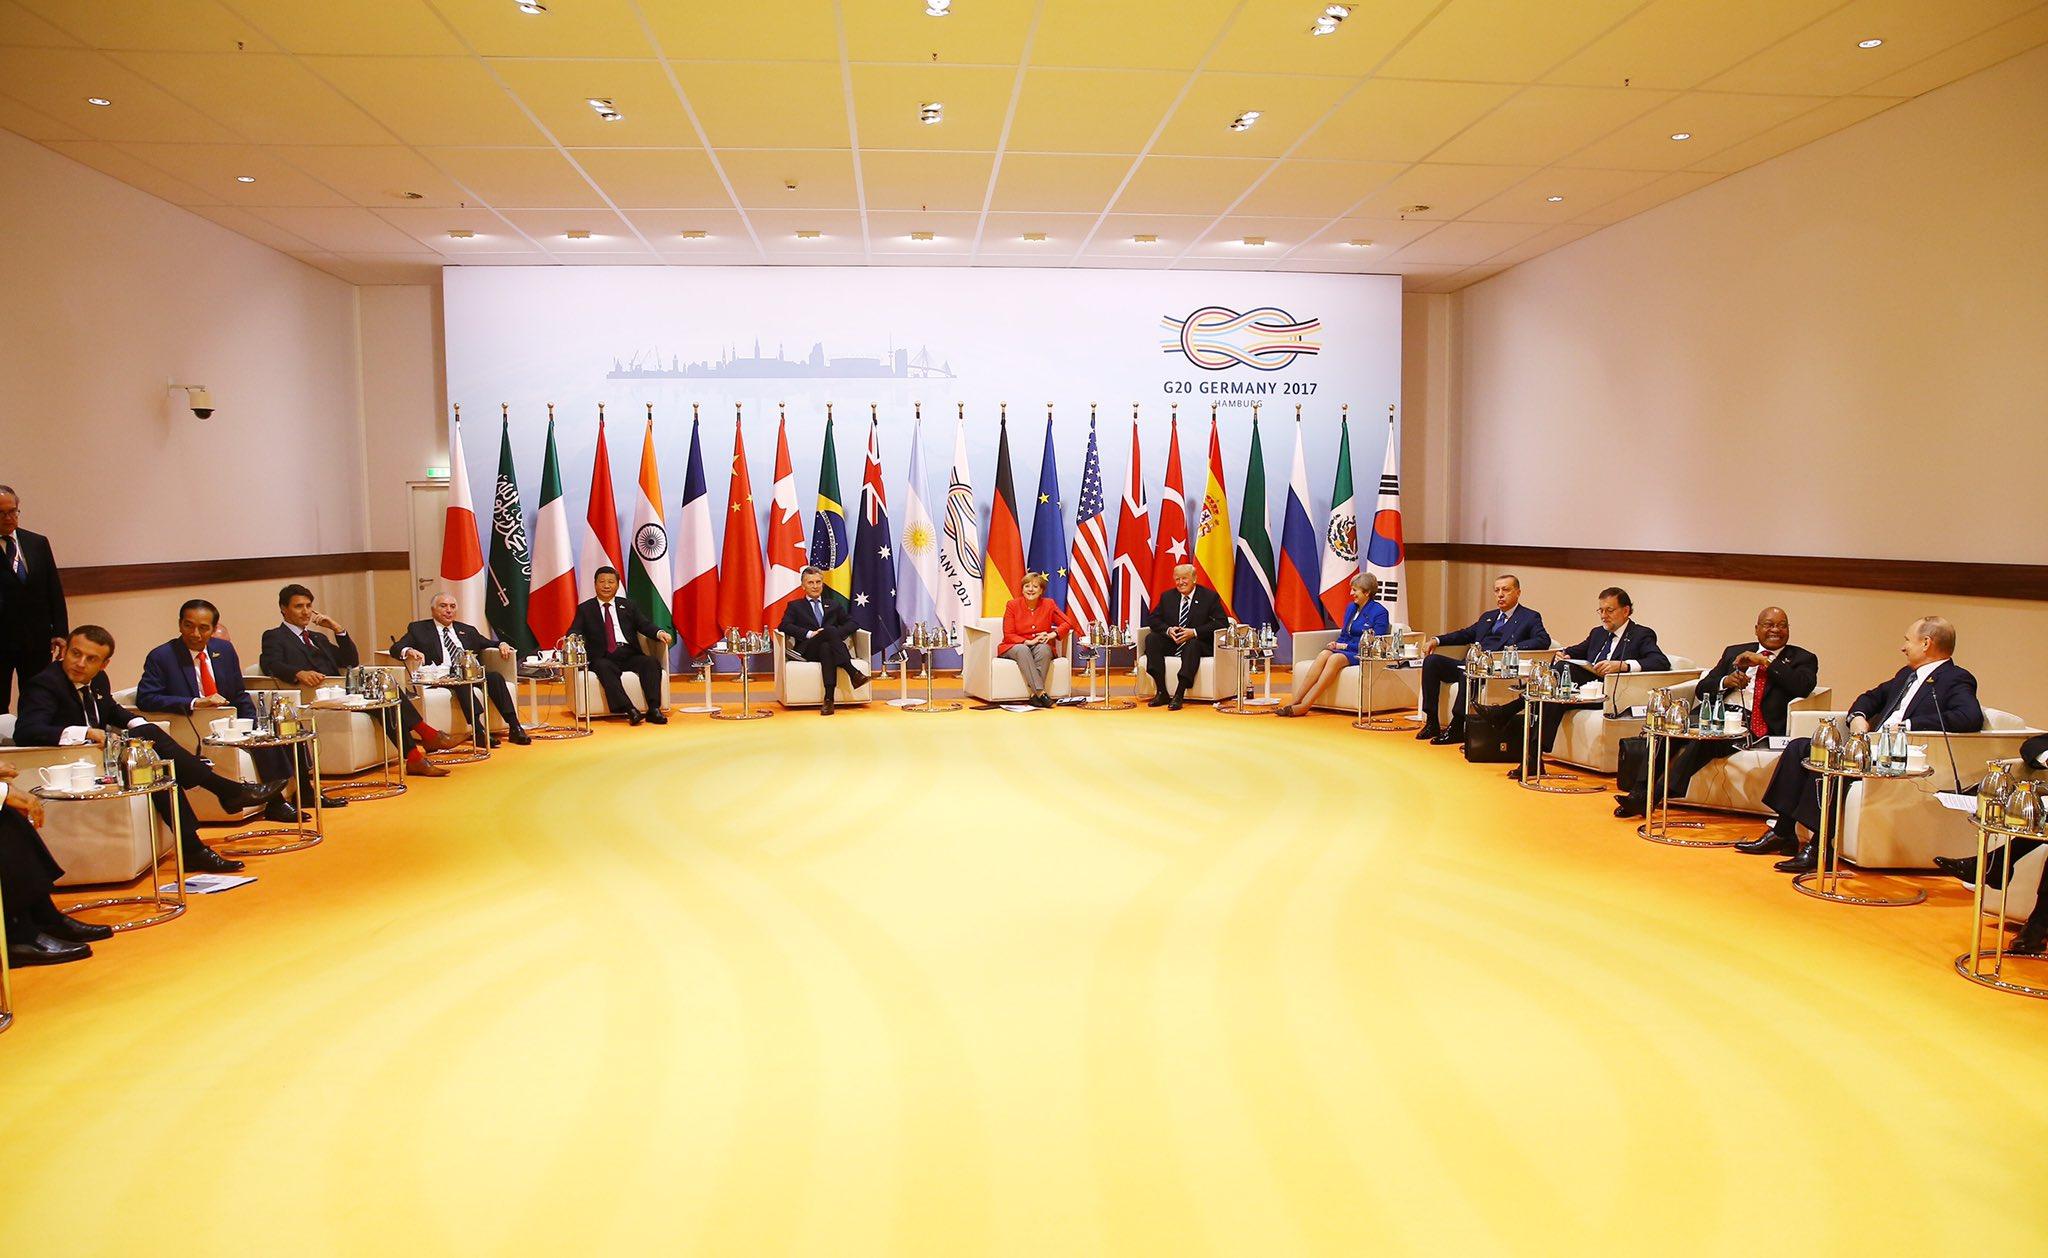 G-20 Zirvesi'nde küresel ekonomik ve toplumsal düzene ilişkin fikir alışverişinde bulunduk. https://t.co/FS7eU8NWvW